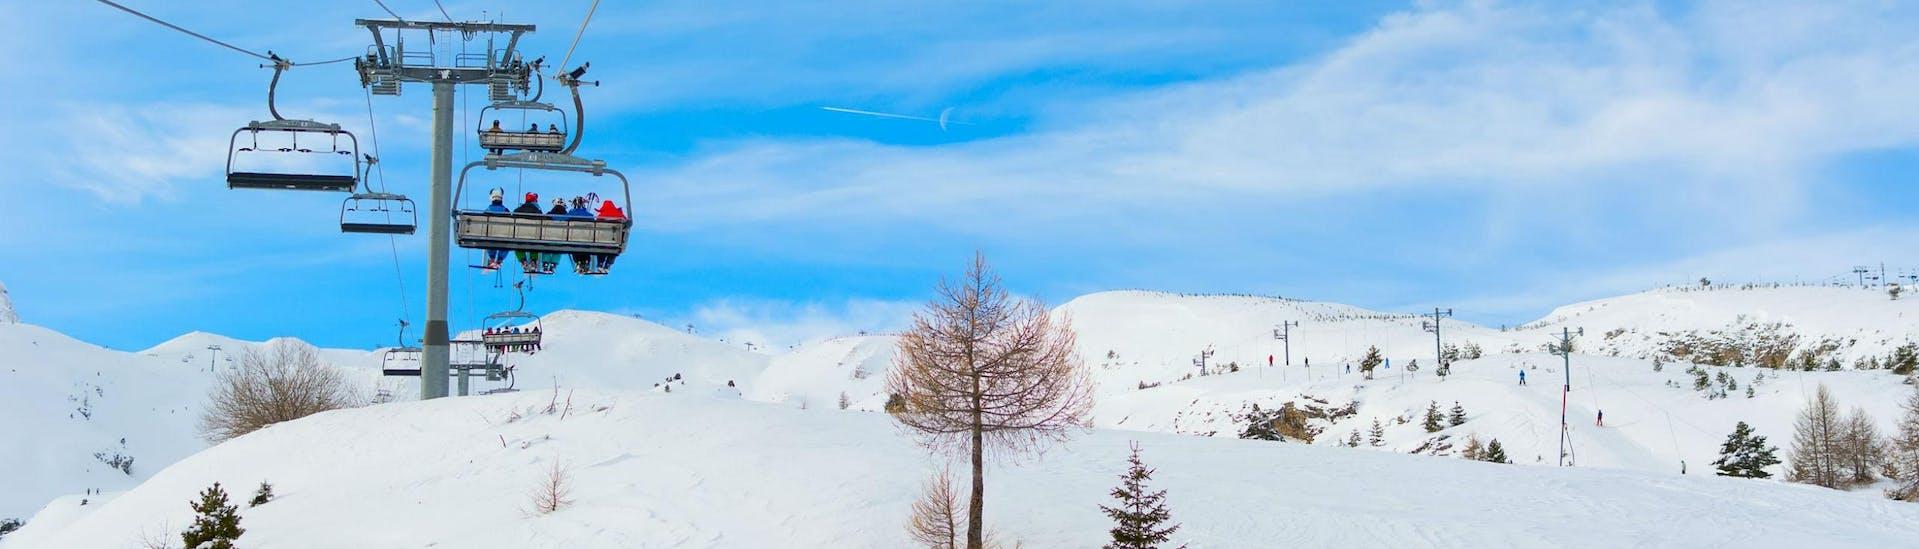 Un télésiège transporte des skieurs jusqu'au sommet de la montagne dans la station de ski française de SuperDévoluy, où les écoles de ski locales offrent une variété de cours de ski.